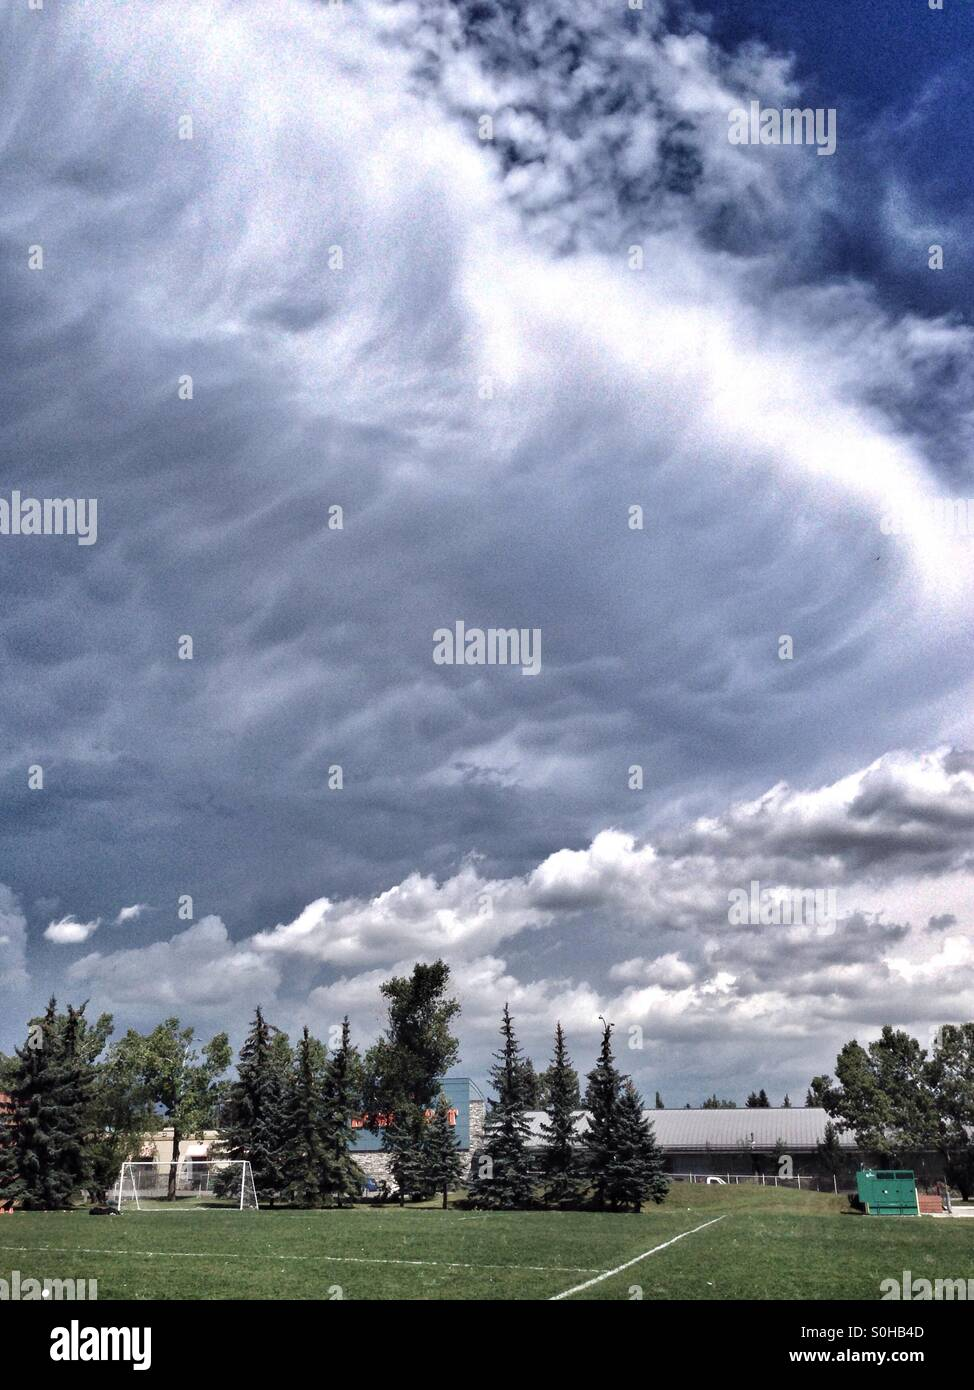 Large Cumulonimbus cloud approaching a sports field in Calgary, Alberta, Canada. July 2015. - Stock Image